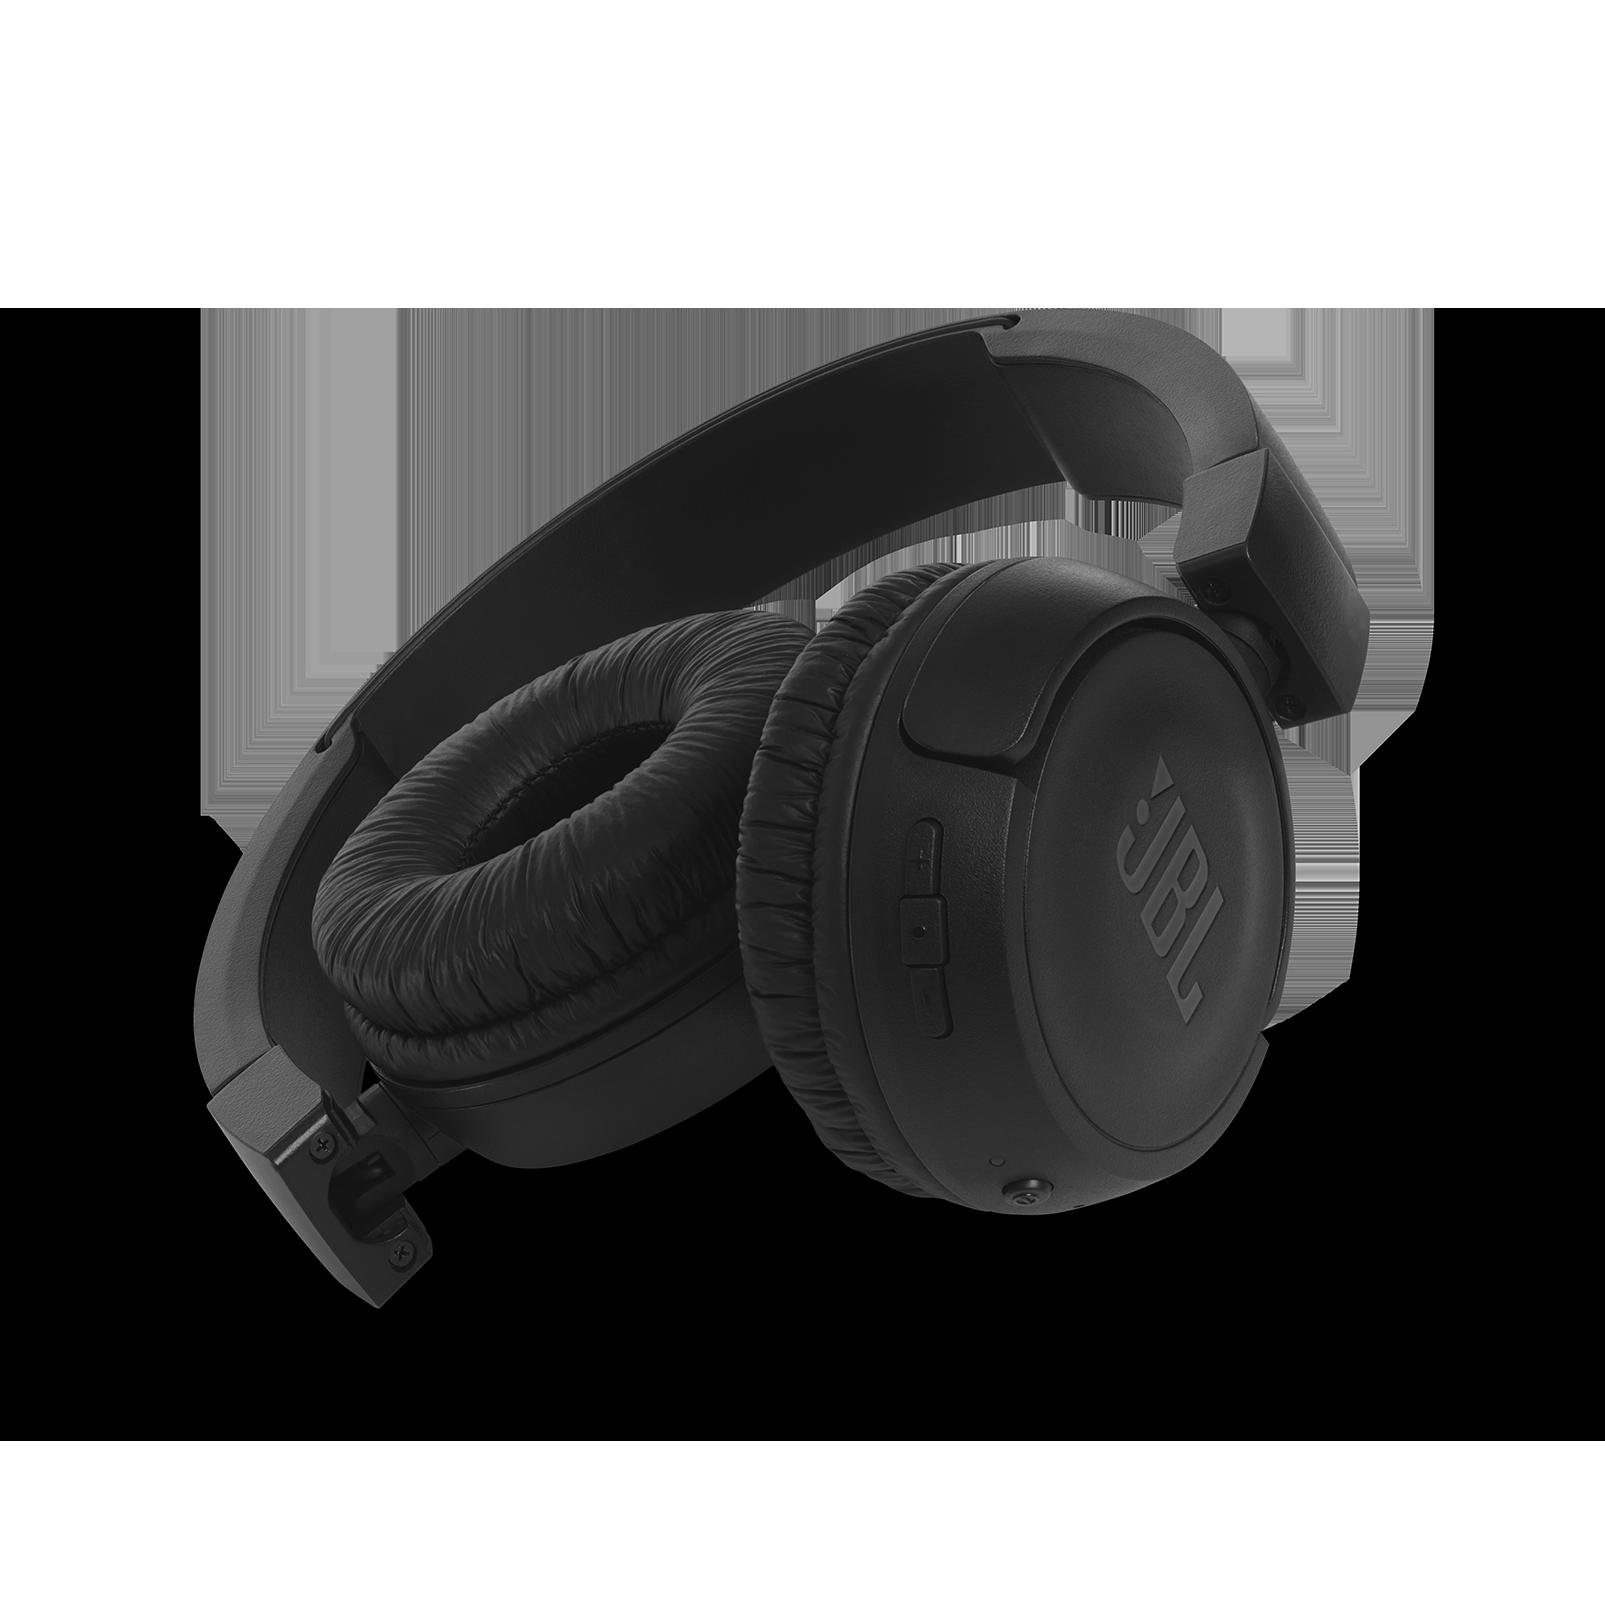 JBL T460BT - Black - Wireless on-ear headphones - Detailshot 1